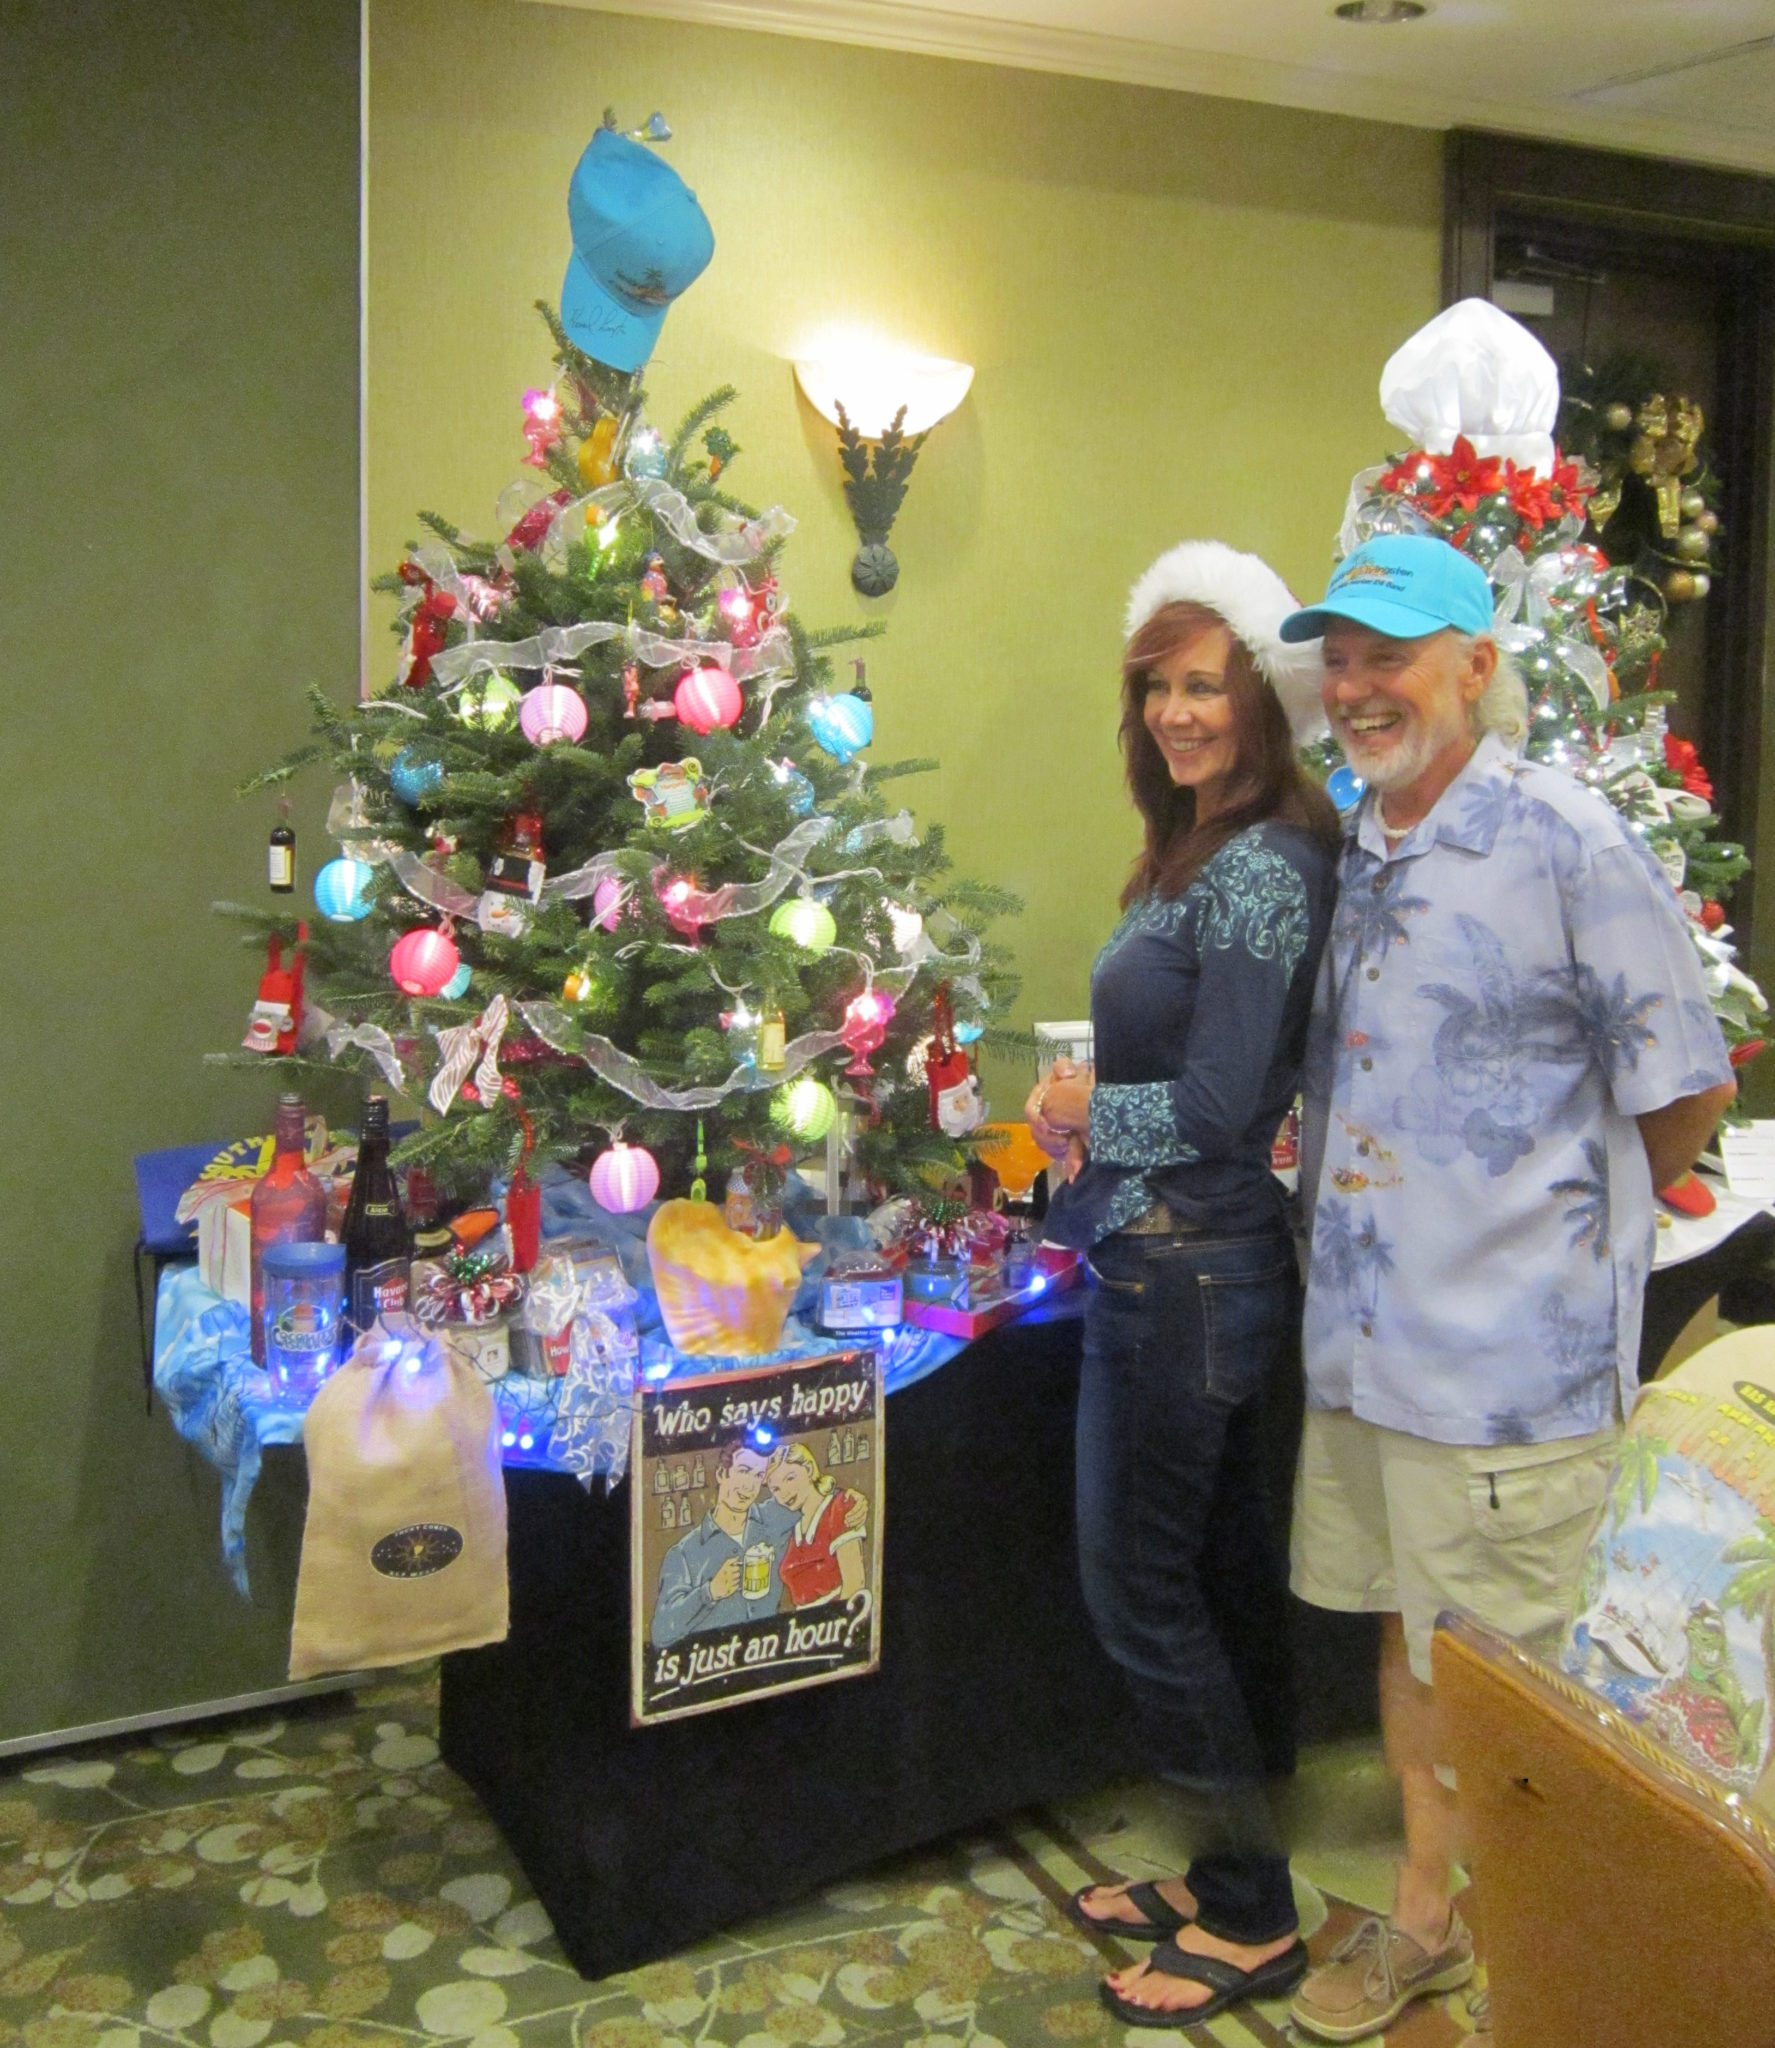 O Christmas Tree, O Christmas Tree | Florida Keys Weekly Newspapers